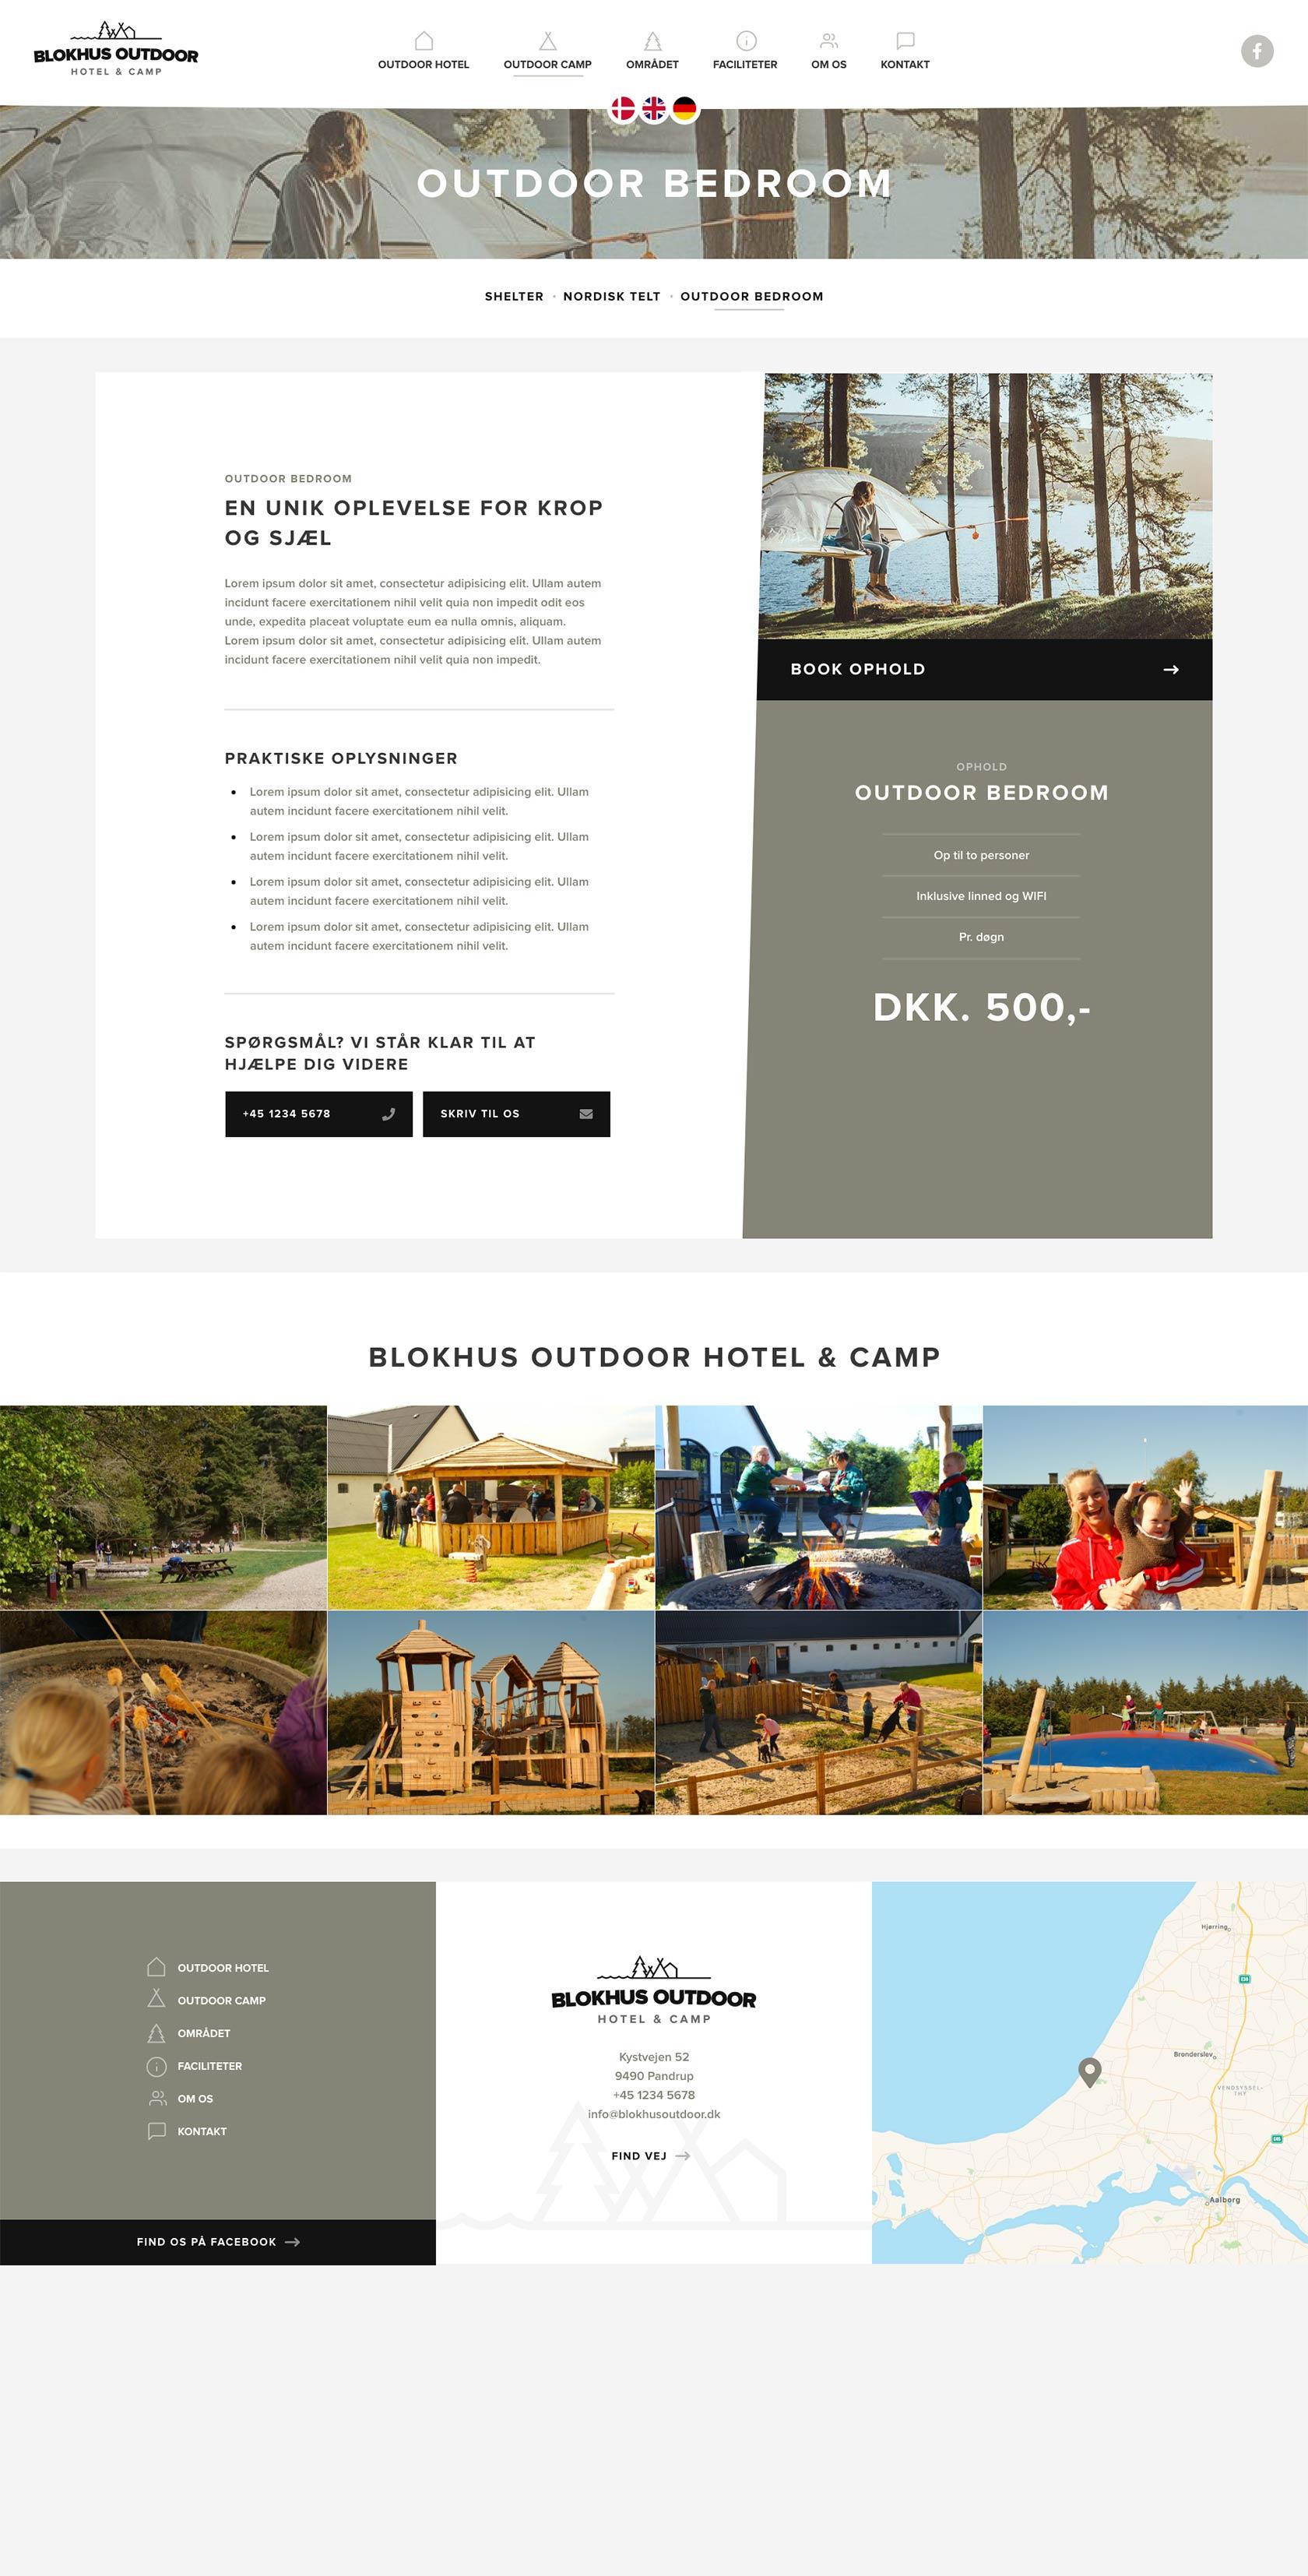 Billede der viser design på opholdsside på Blokhus Outdoors hjemmeside